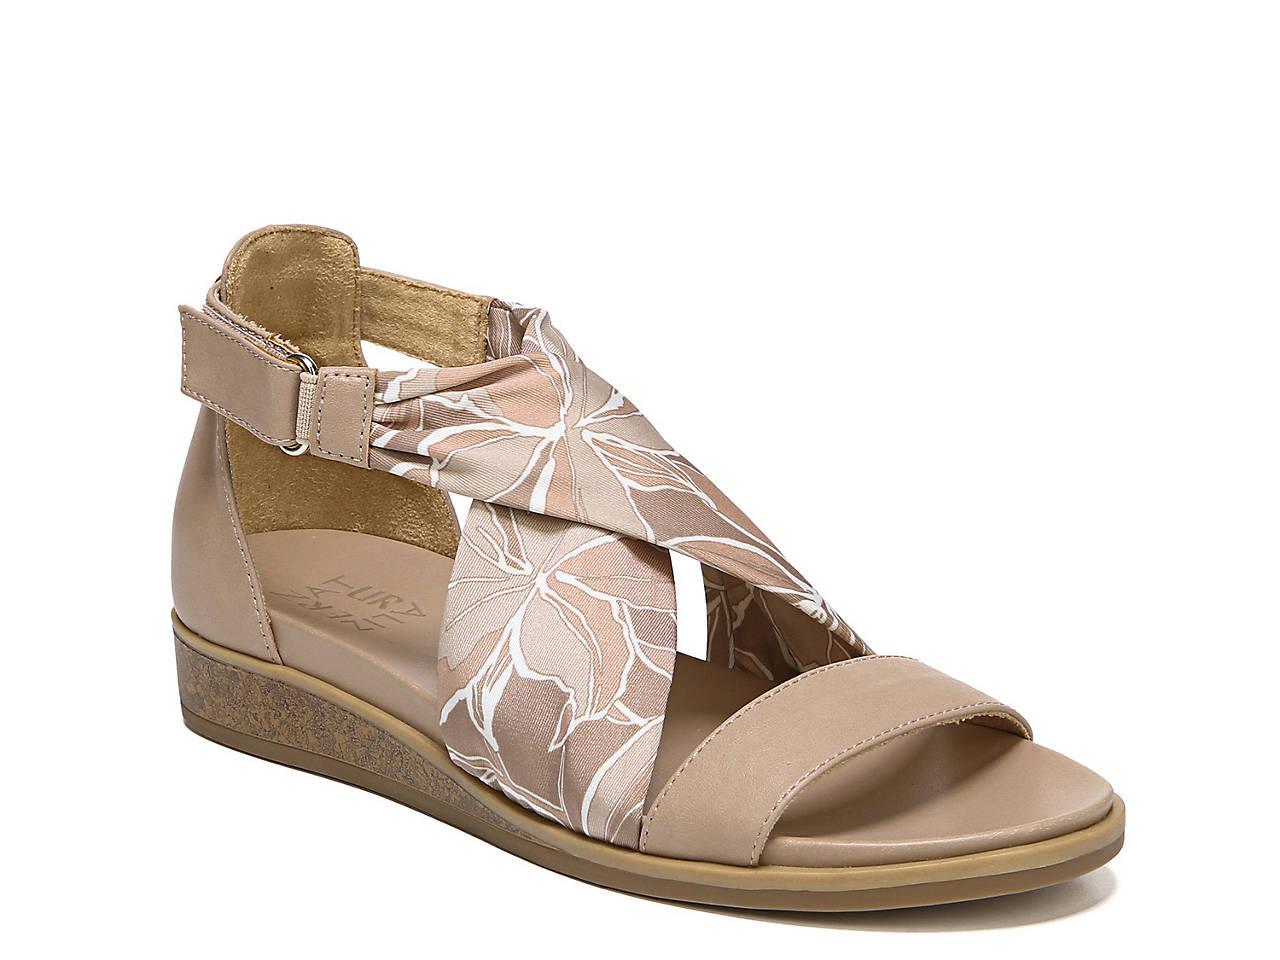 d6fd52eb45b Naturalizer Ivette Wedge Sandal Women s Shoes